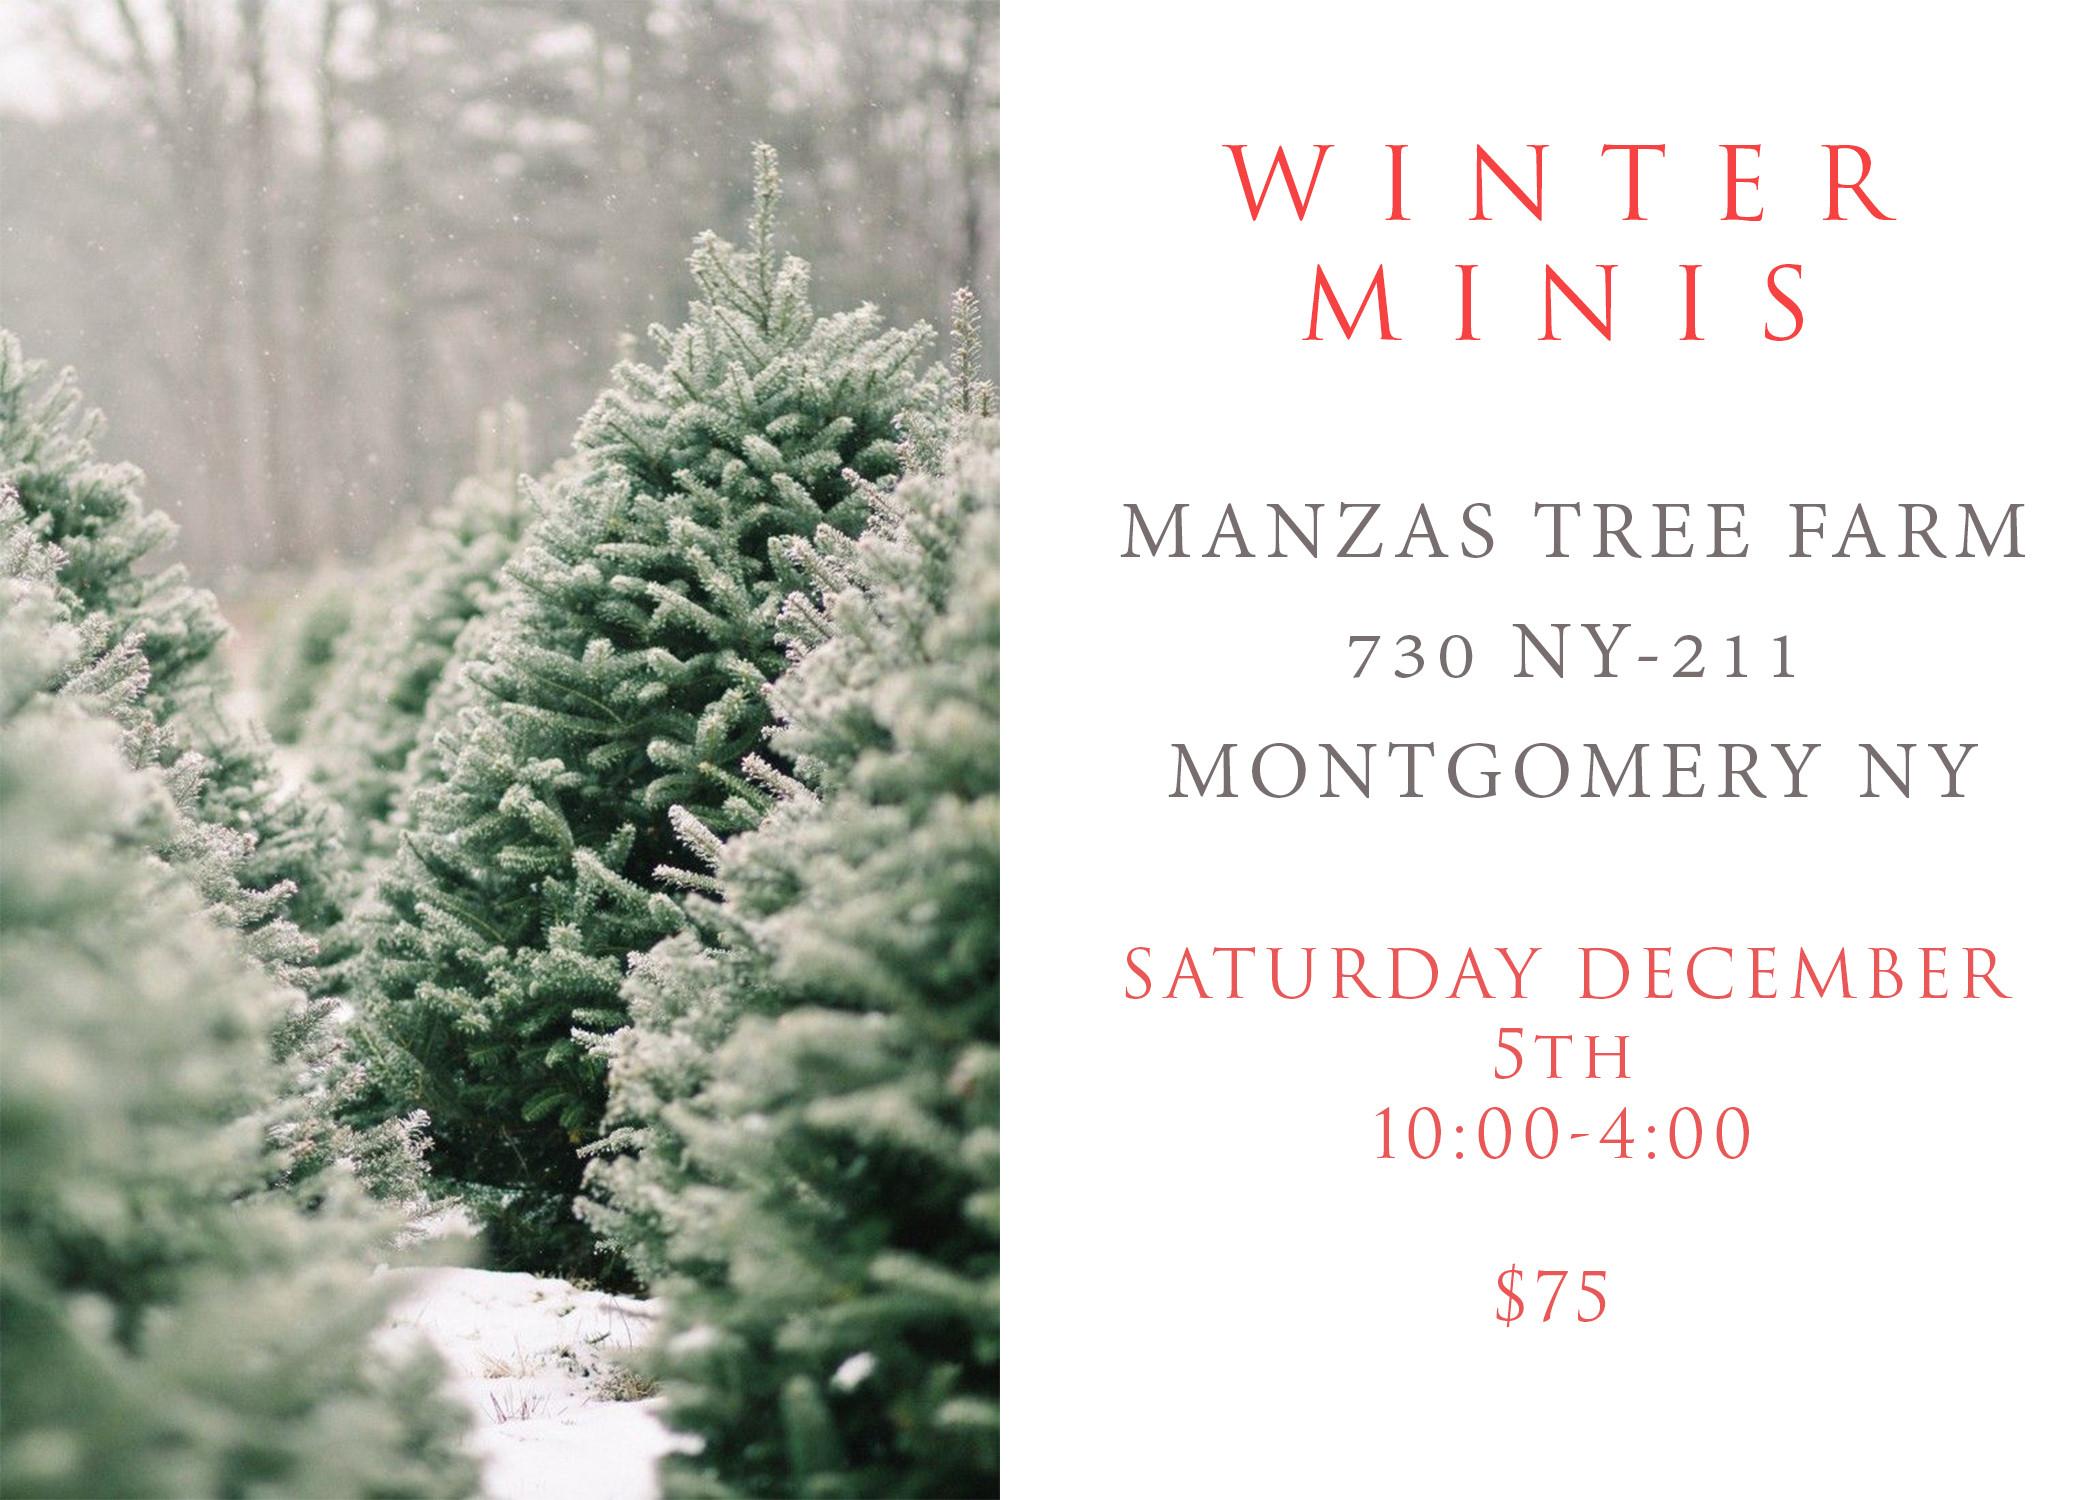 Tree Farm Winter Mini Sessions